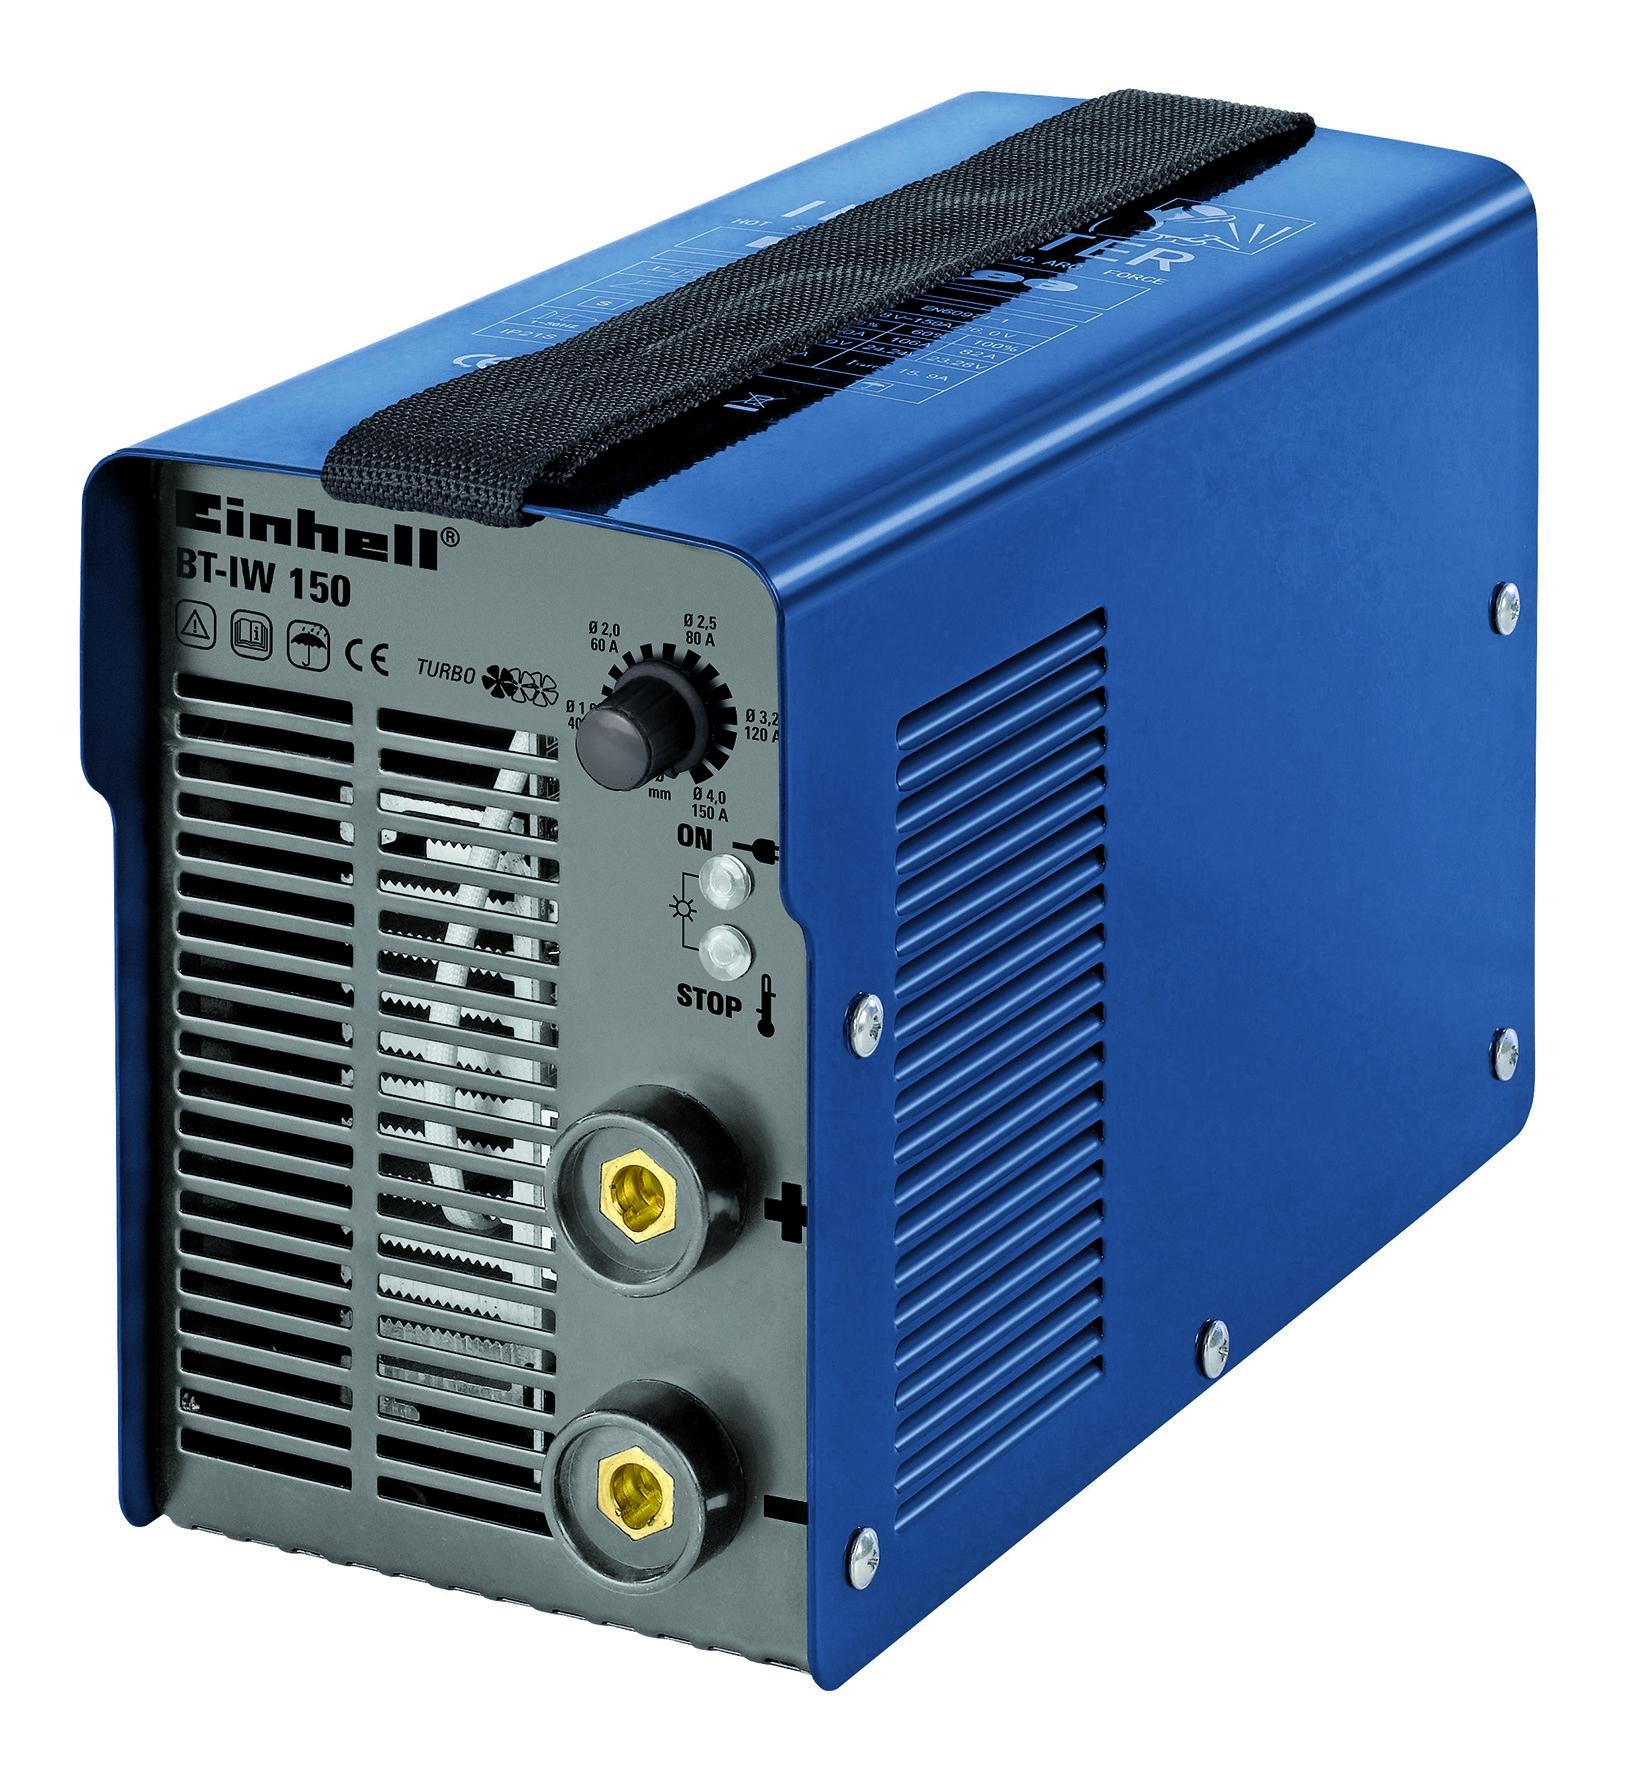 Einhell Inverter-Schweissgerät BT-IW 150 für 116,25€ [Norma Online]